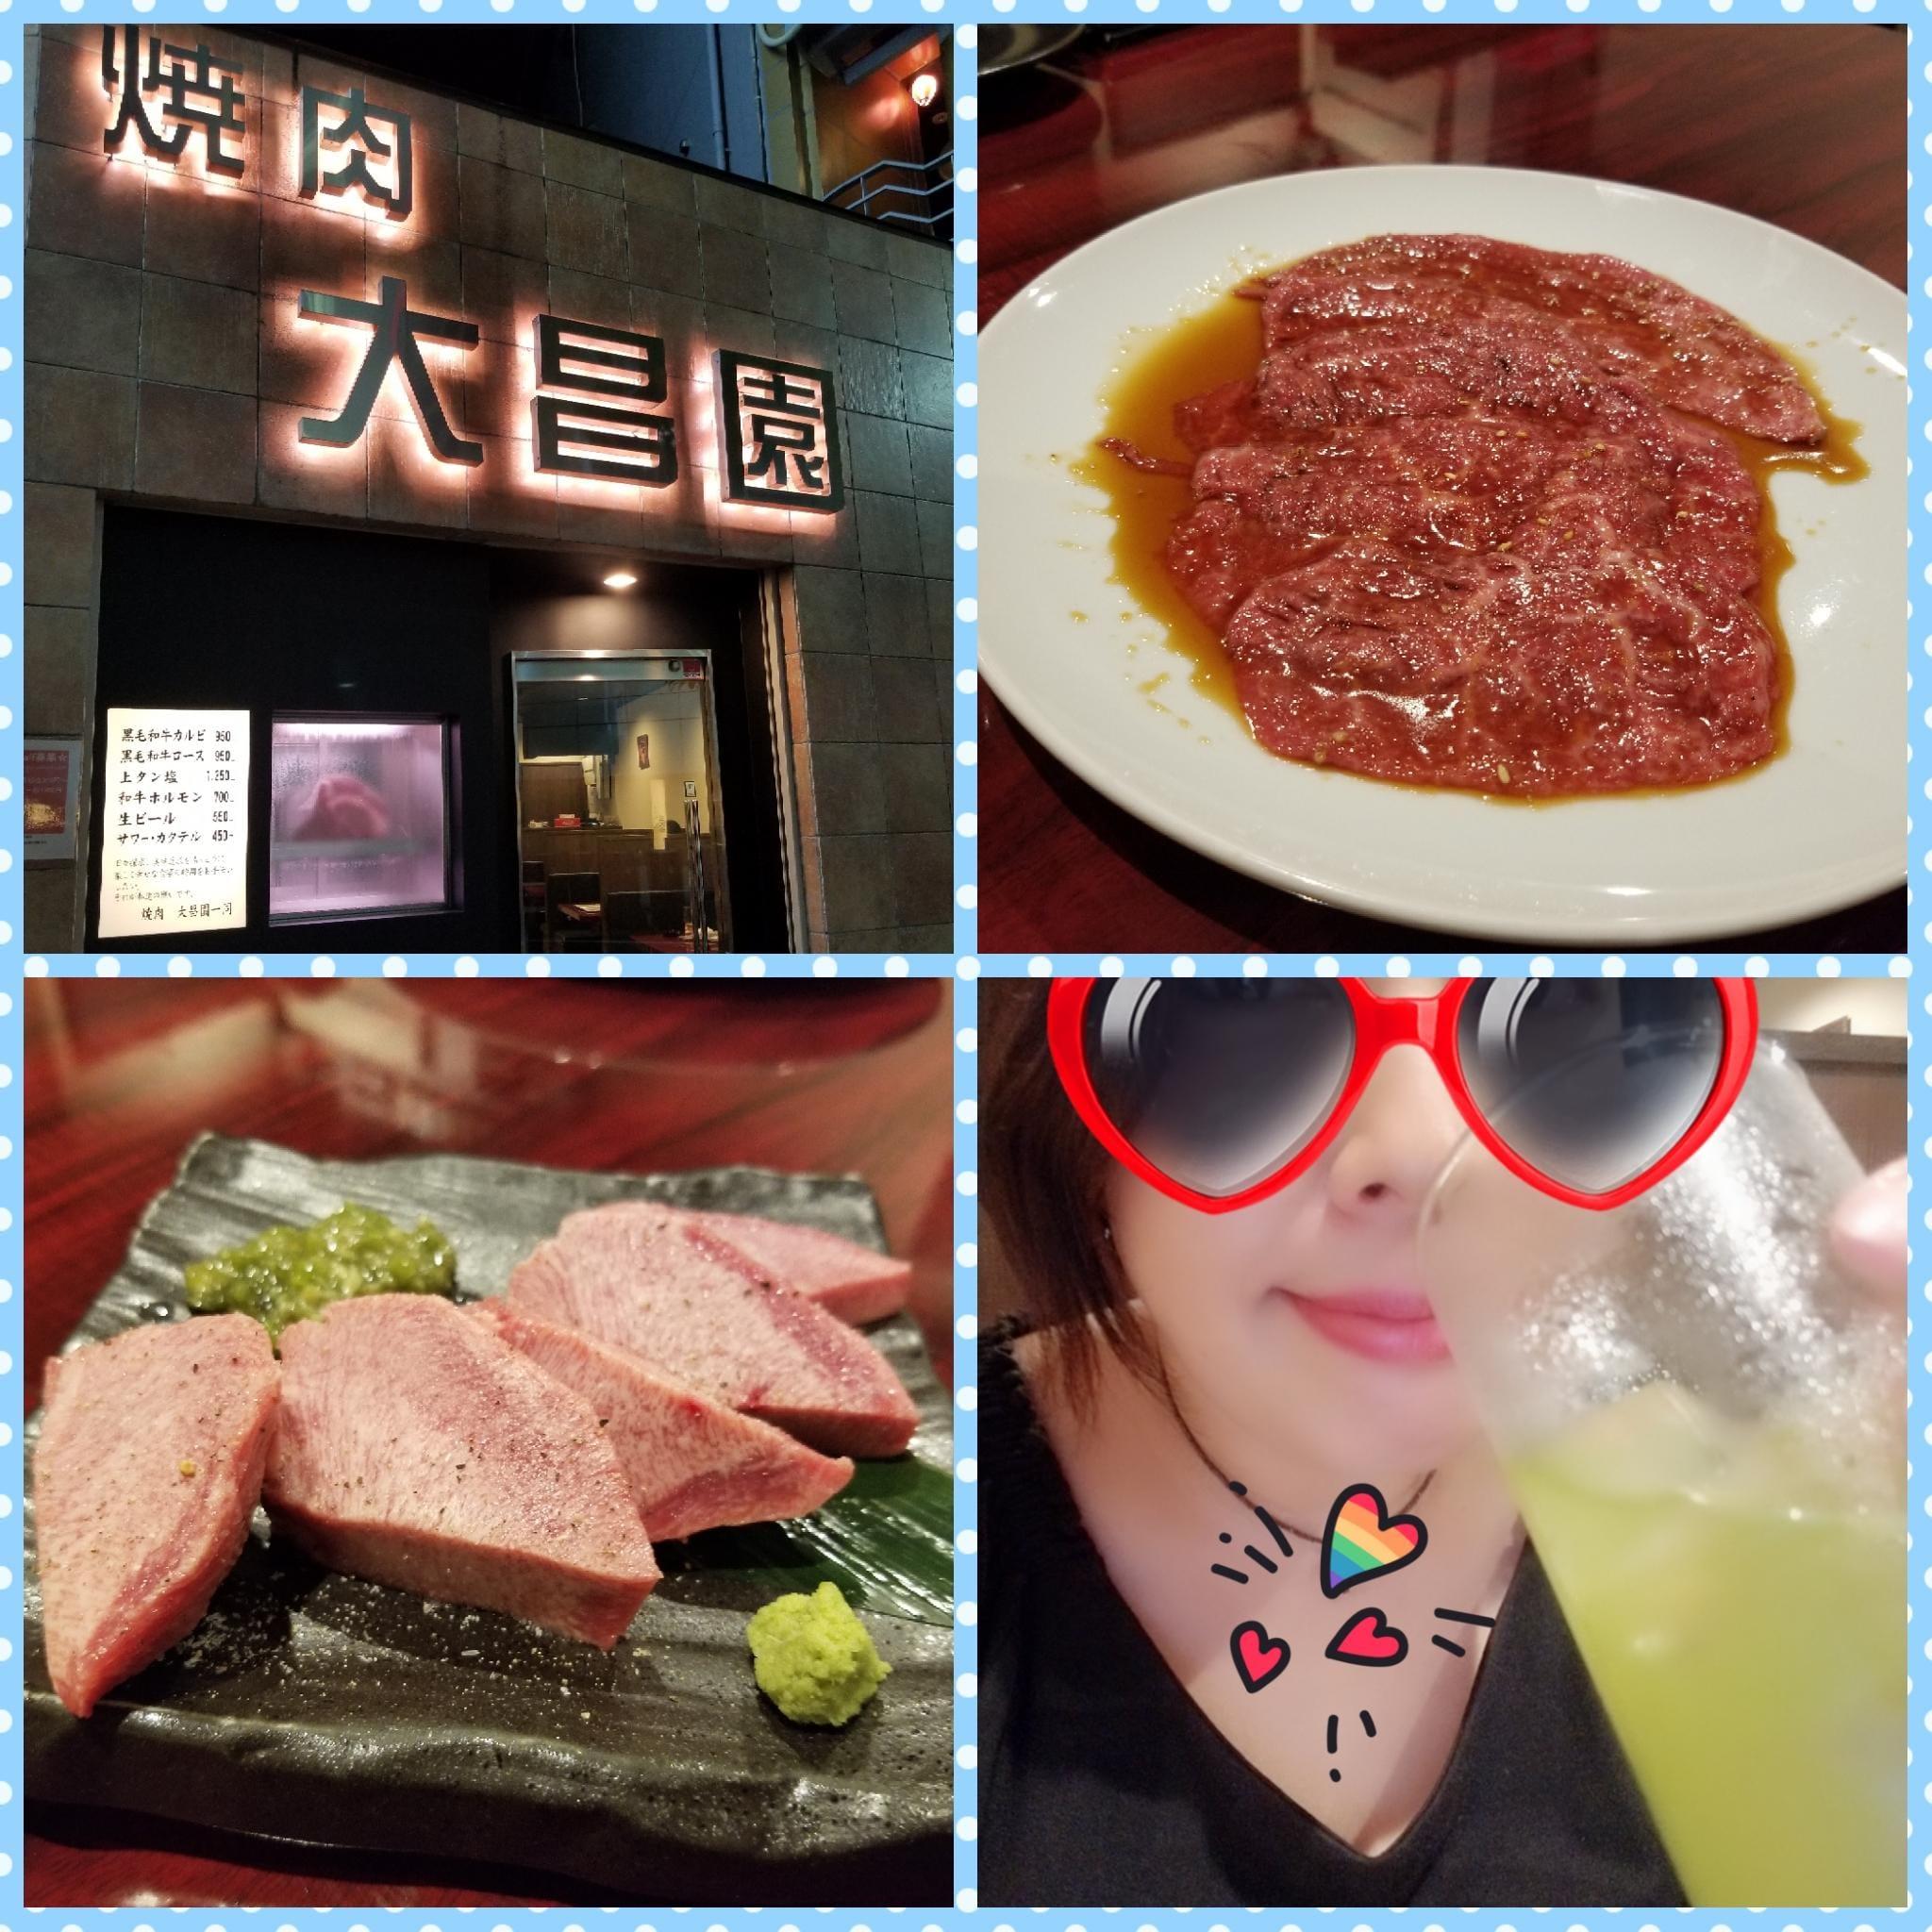 「あいこの食いしん坊万歳in川崎」08/12日(日) 09:20 | あいこの写メ・風俗動画